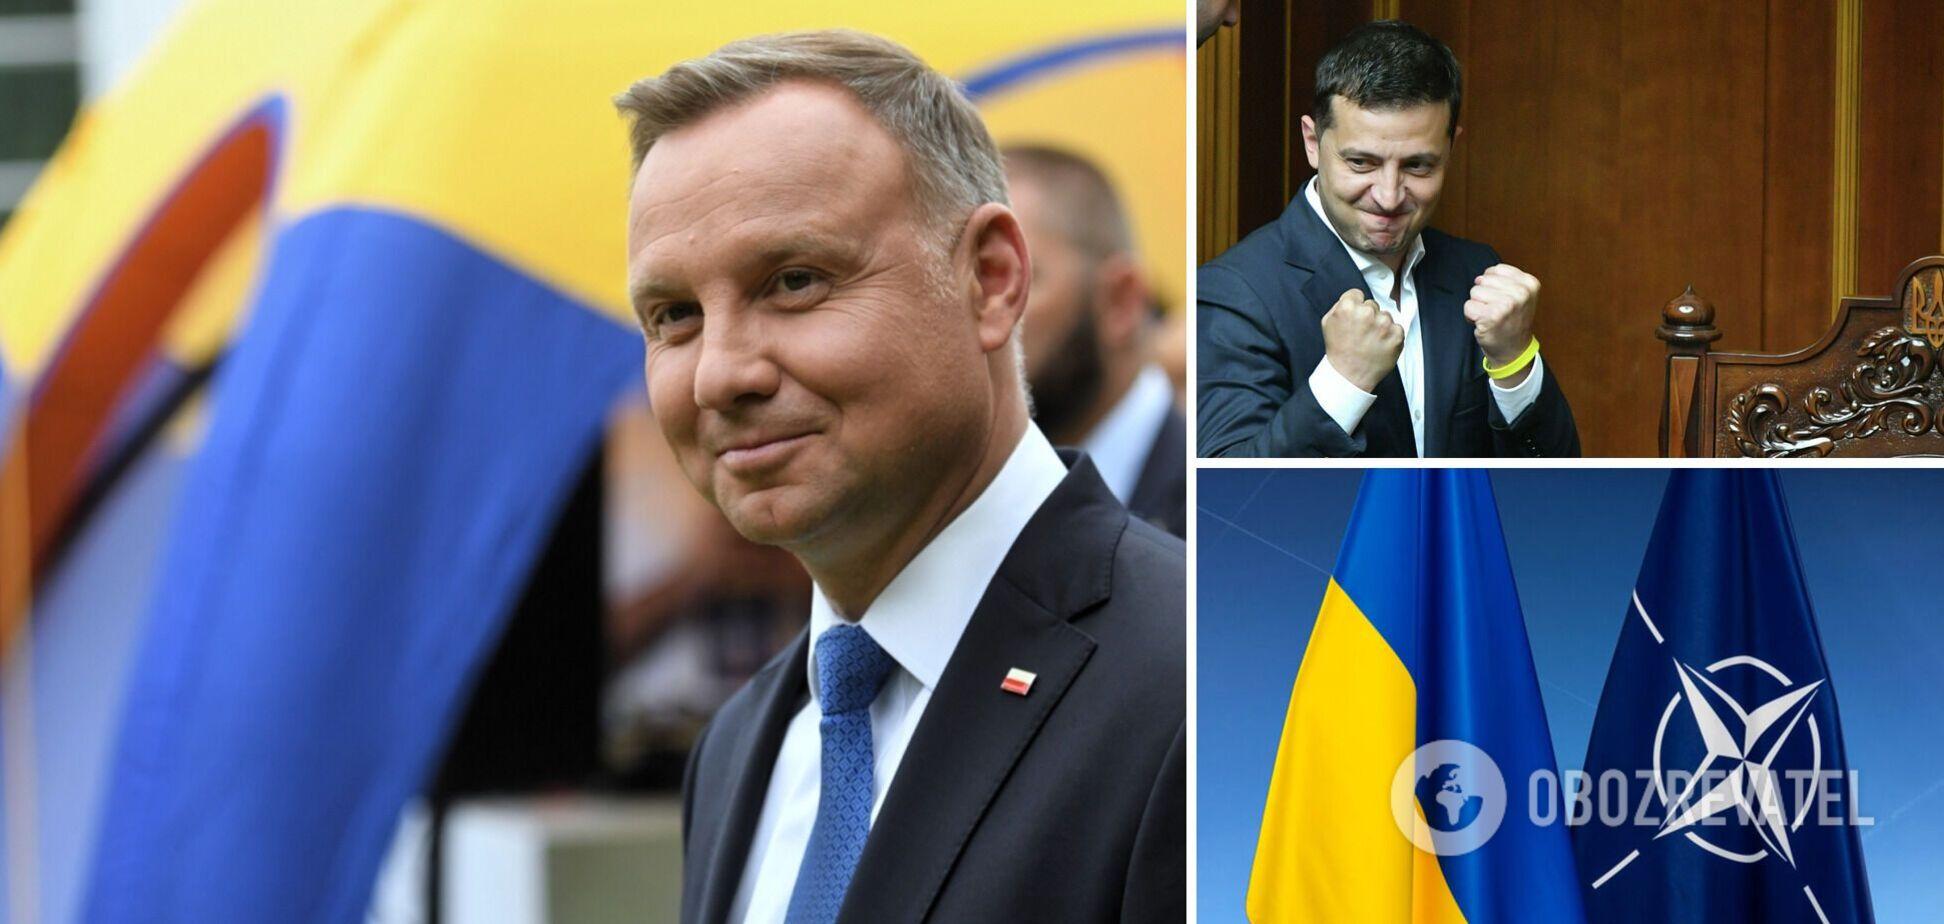 На саммите НАТО обсудят дорожную карту для Украины: на что можно рассчитывать